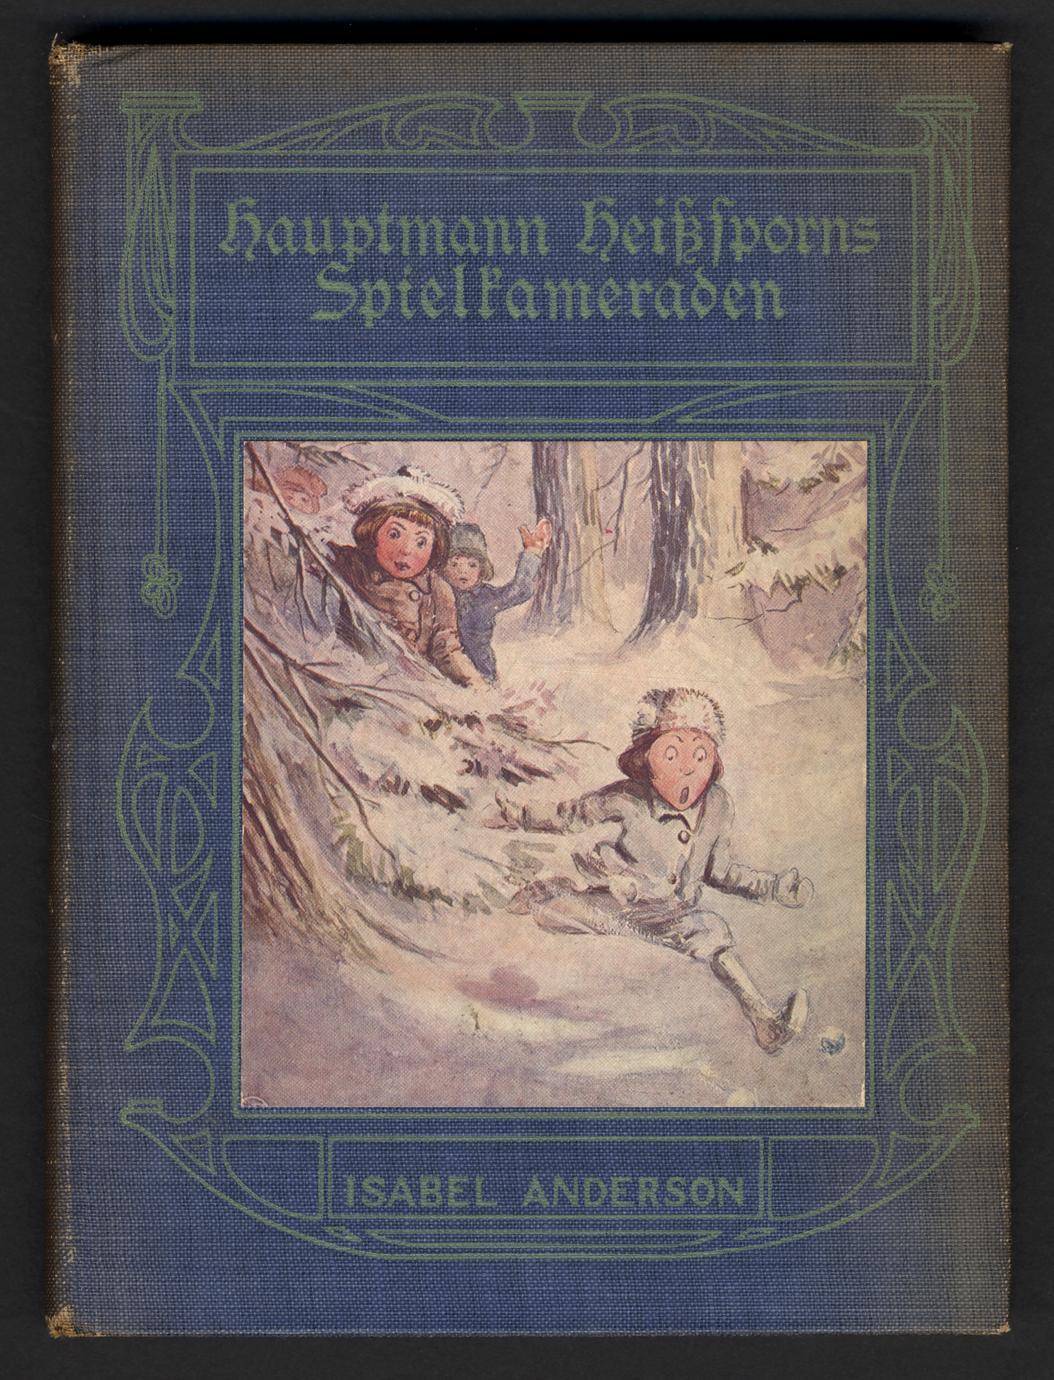 Hauptmann Heissporns Spielkameraden (1 of 3)